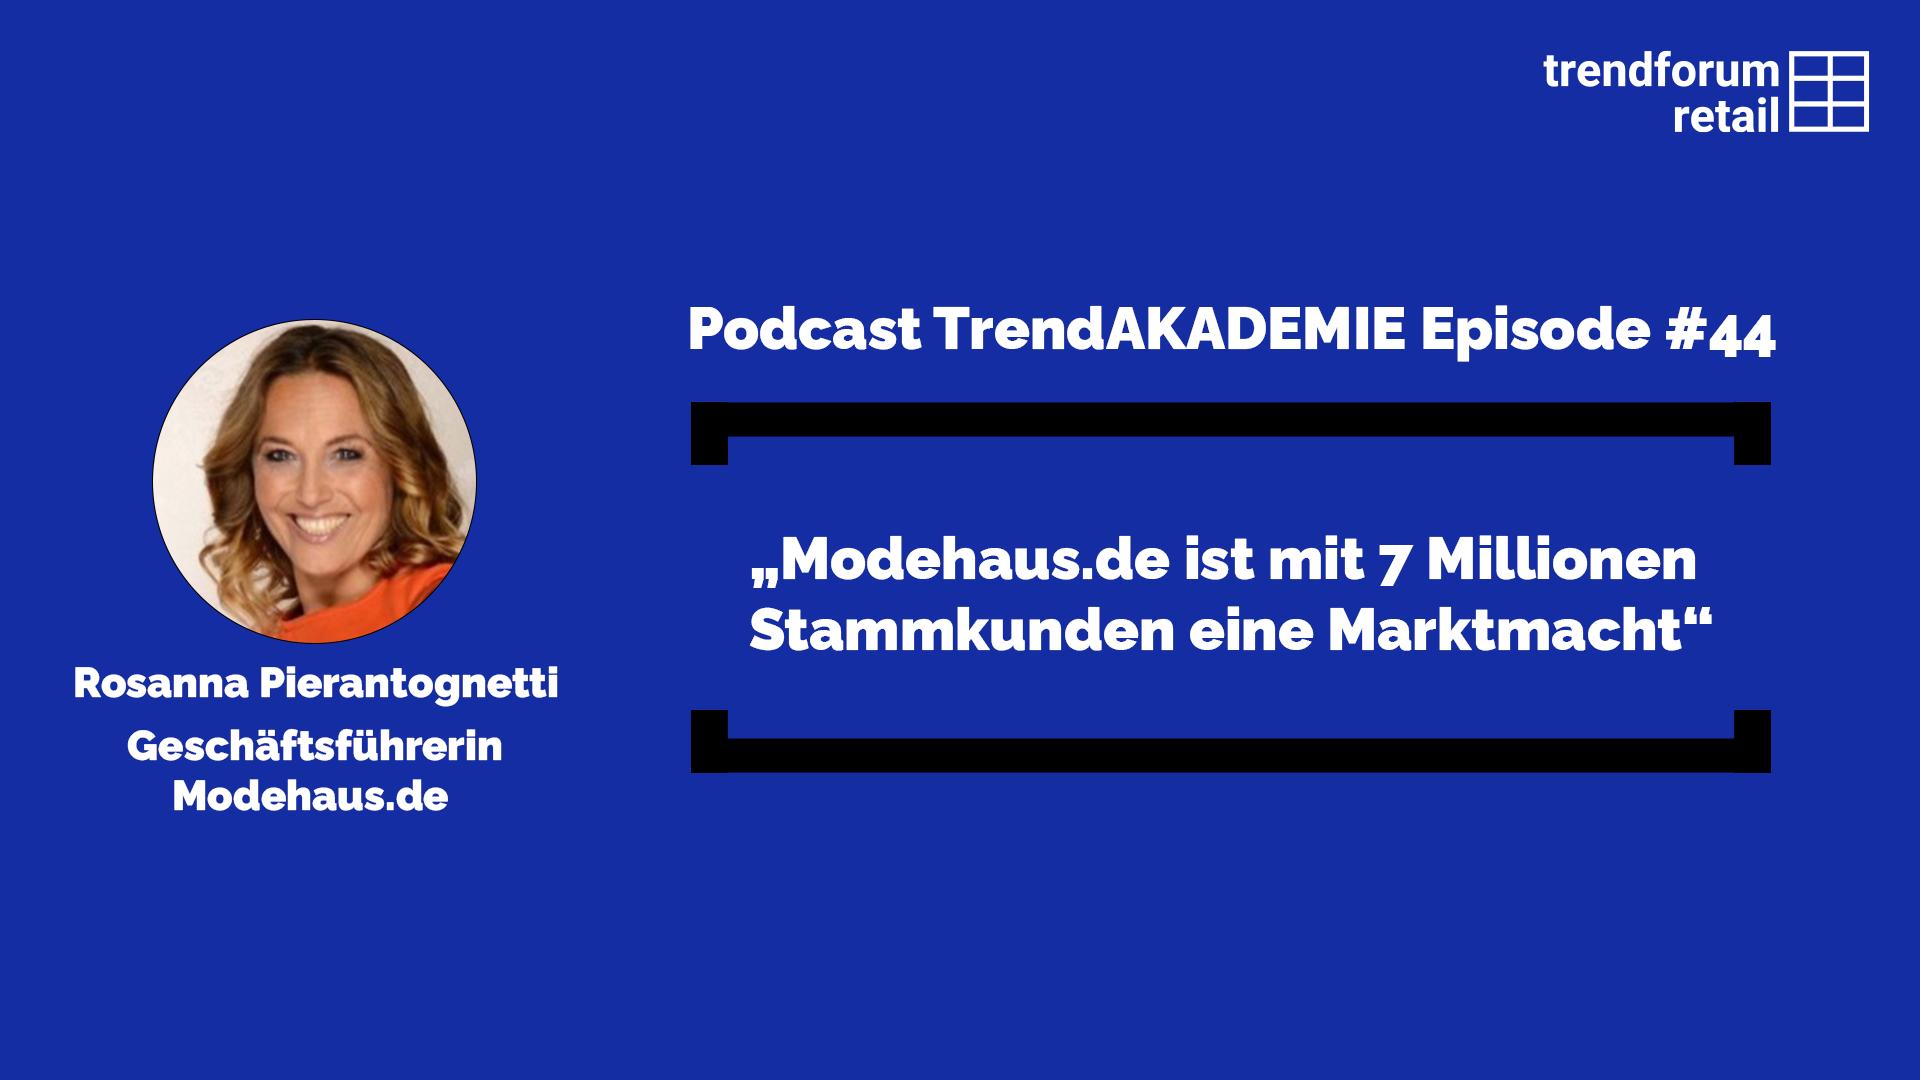 """Podcast TrendAKADEMIE - Episode 44: """"Modehaus.de ist mit 7 Millionen Stammkunden eine Marktmacht"""